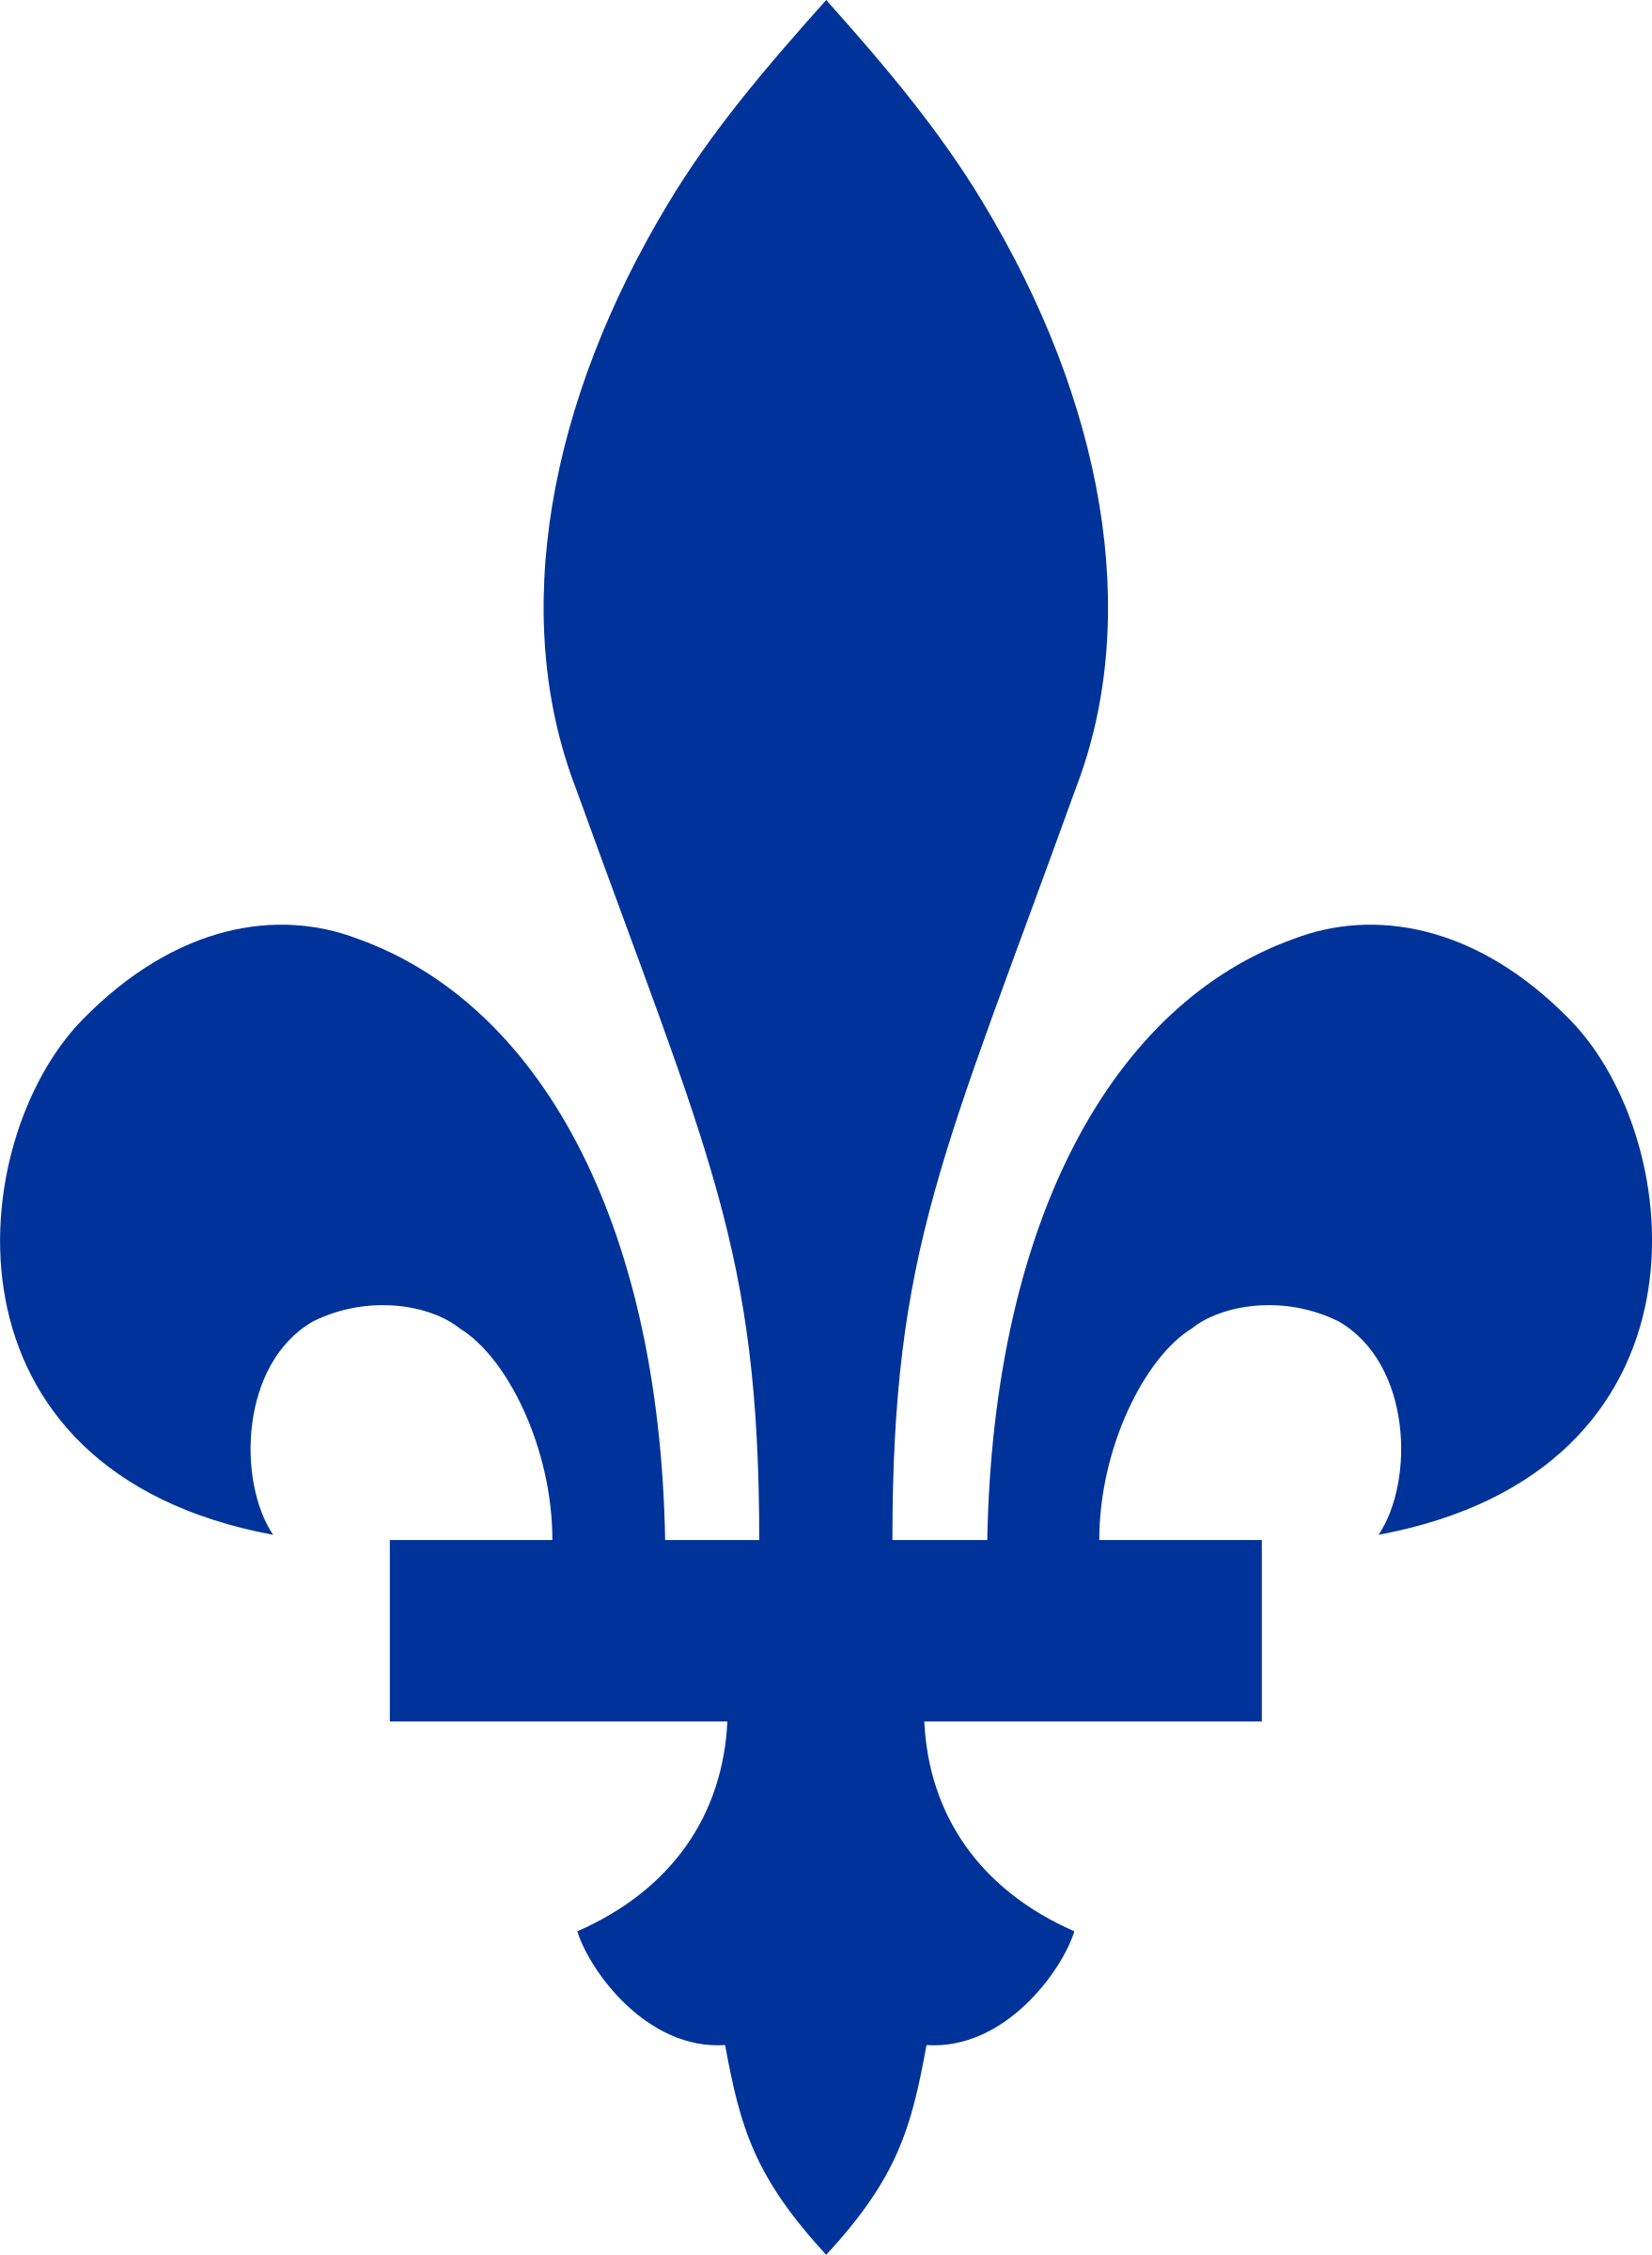 Du drapeau qu bec. Fleur de lis and elegant crown clipart